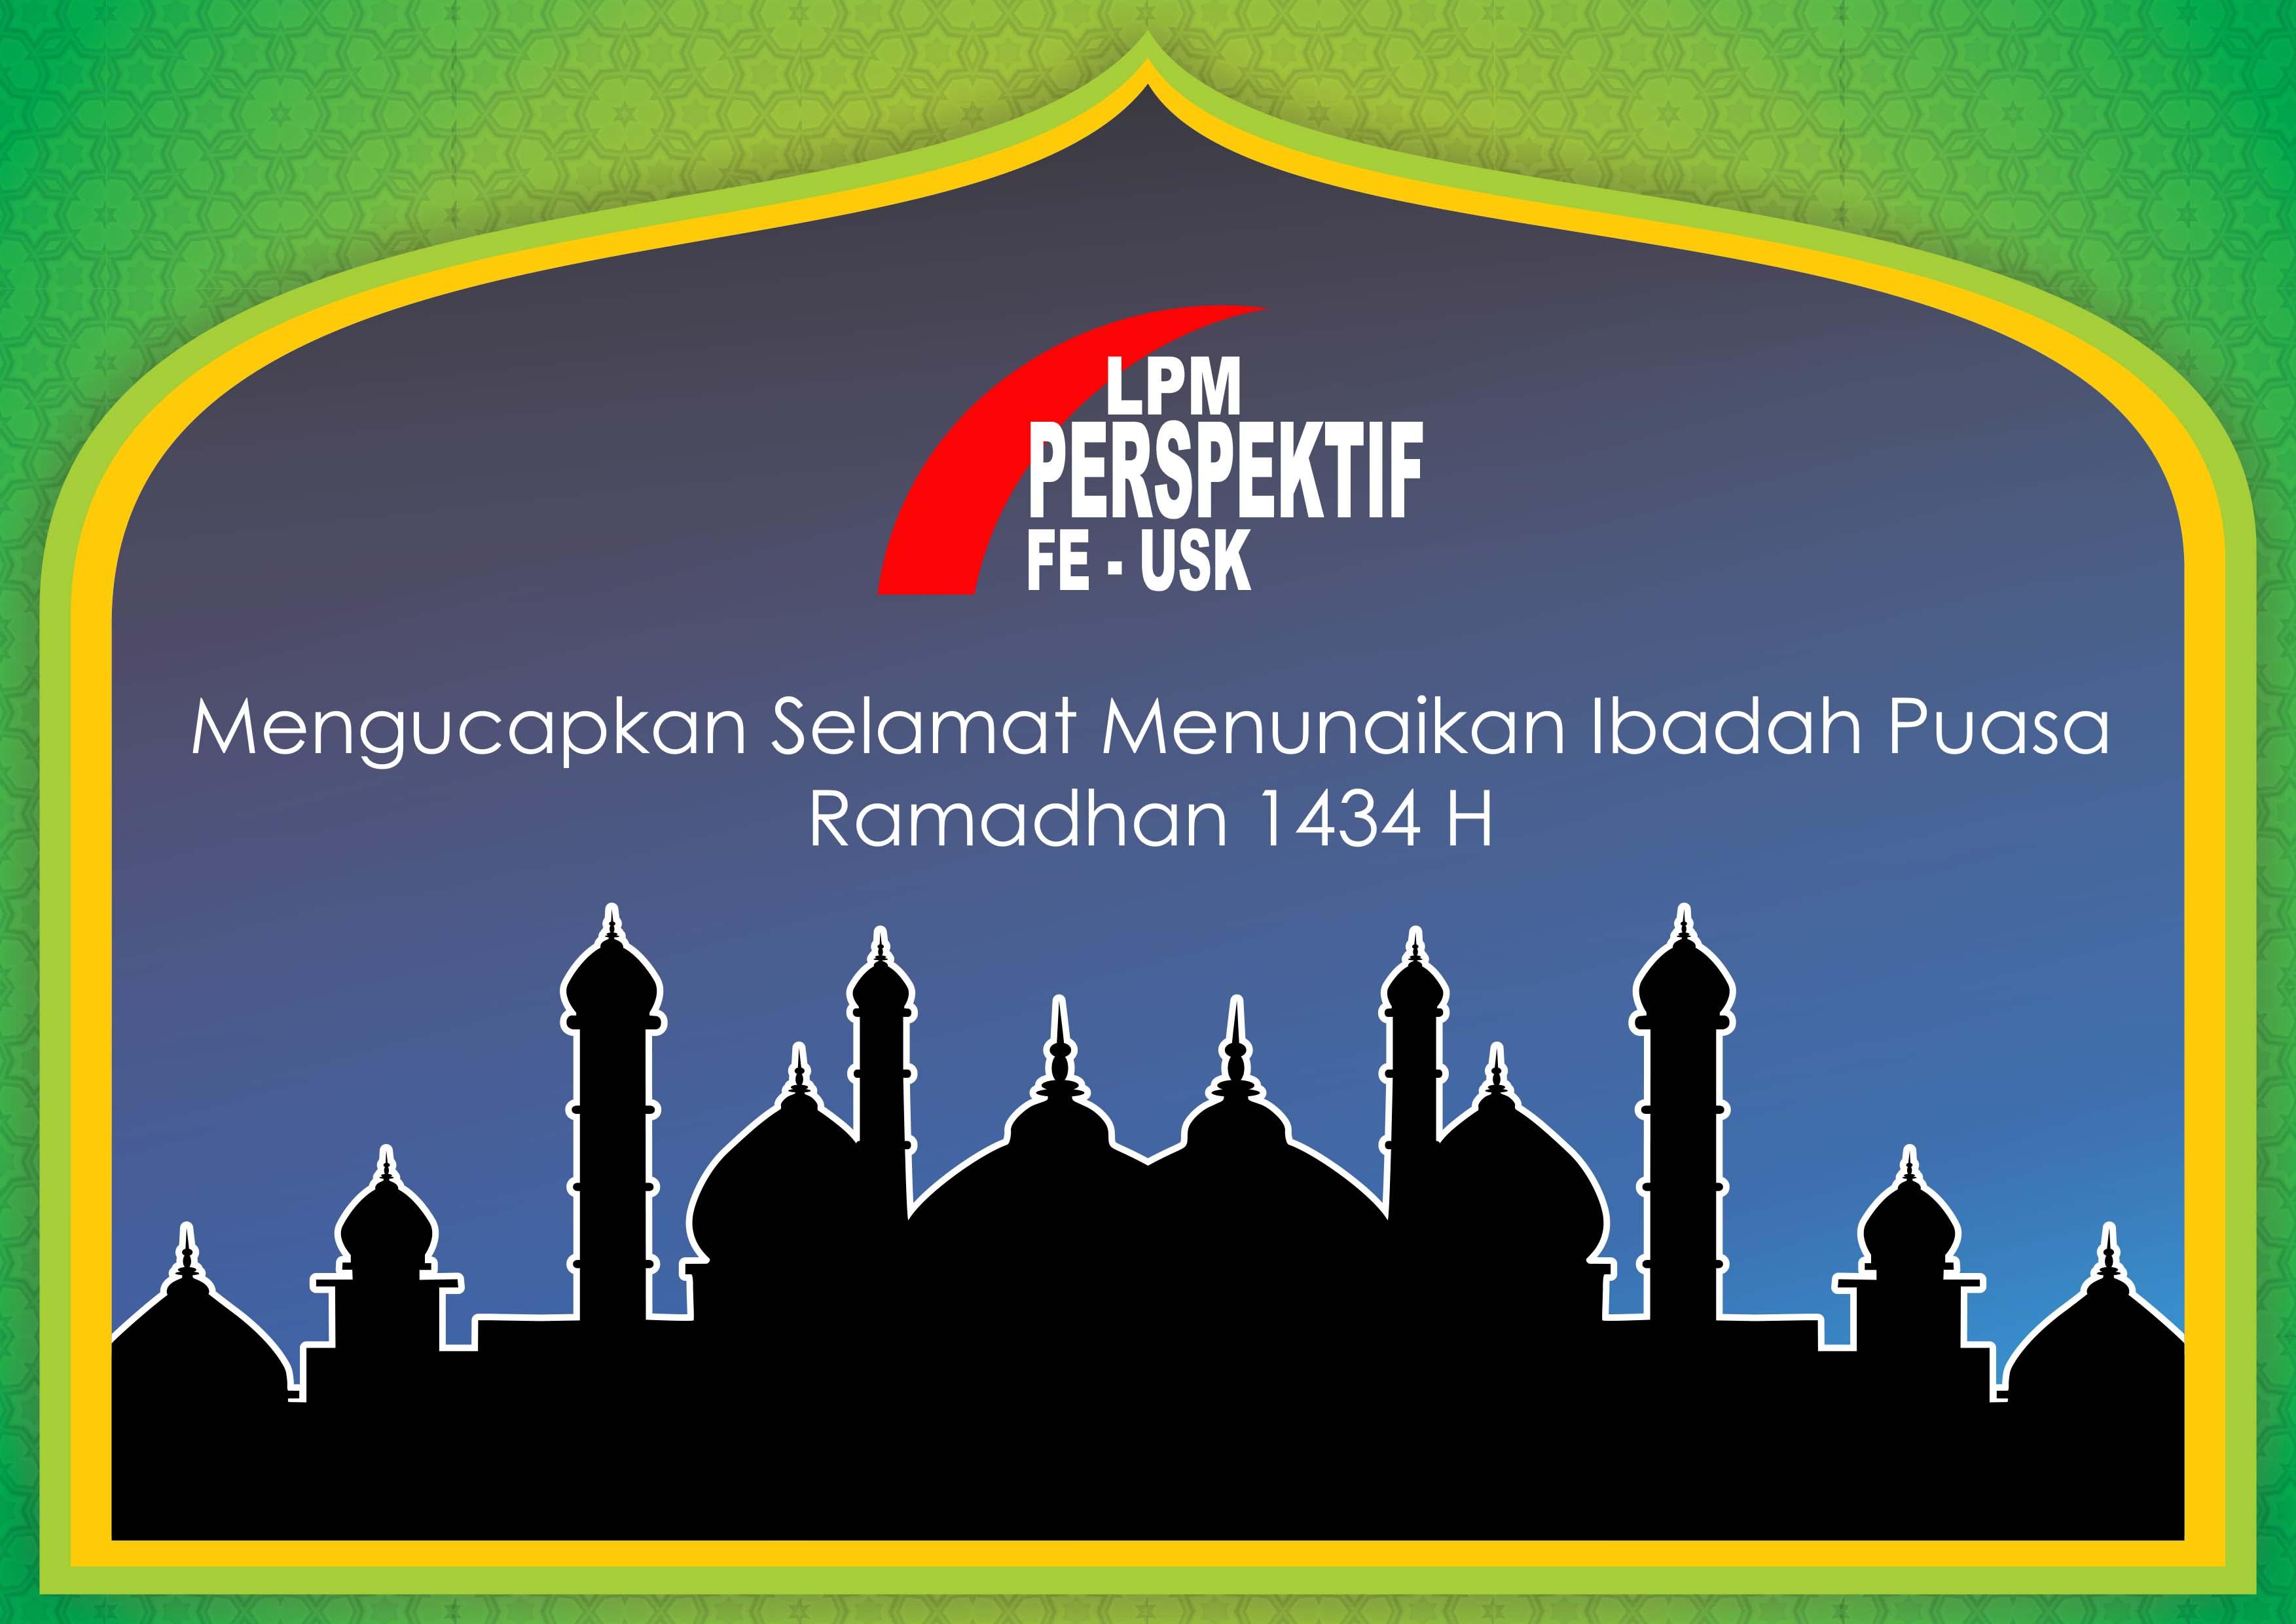 Keluarga Besar Perspektif FE Unsyiah Mengucapkan Selamat Menunaikan Ibadah Puasa Ramadhan 1434H.